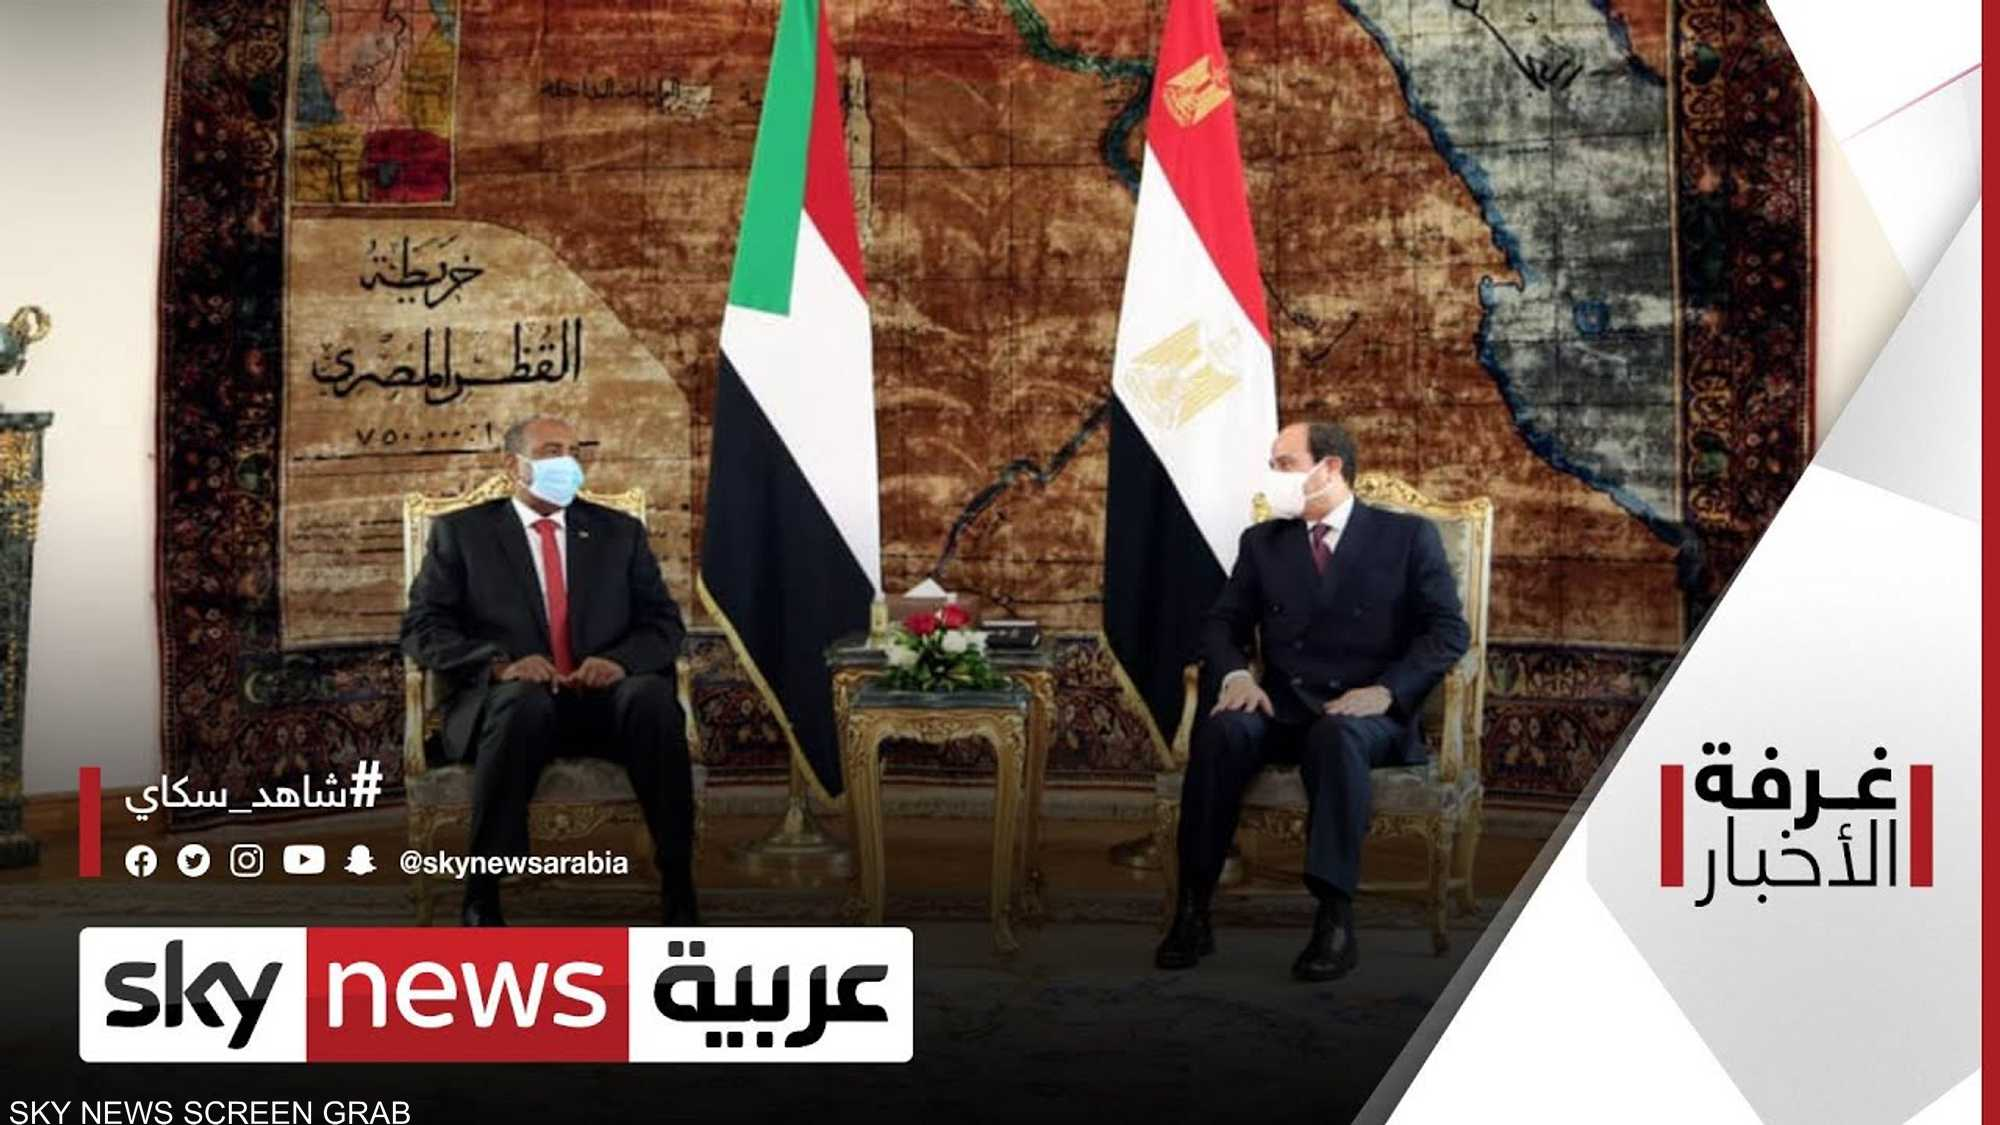 البرهان في القاهرة.. وملف سد النهضة على رأس جدول البحث